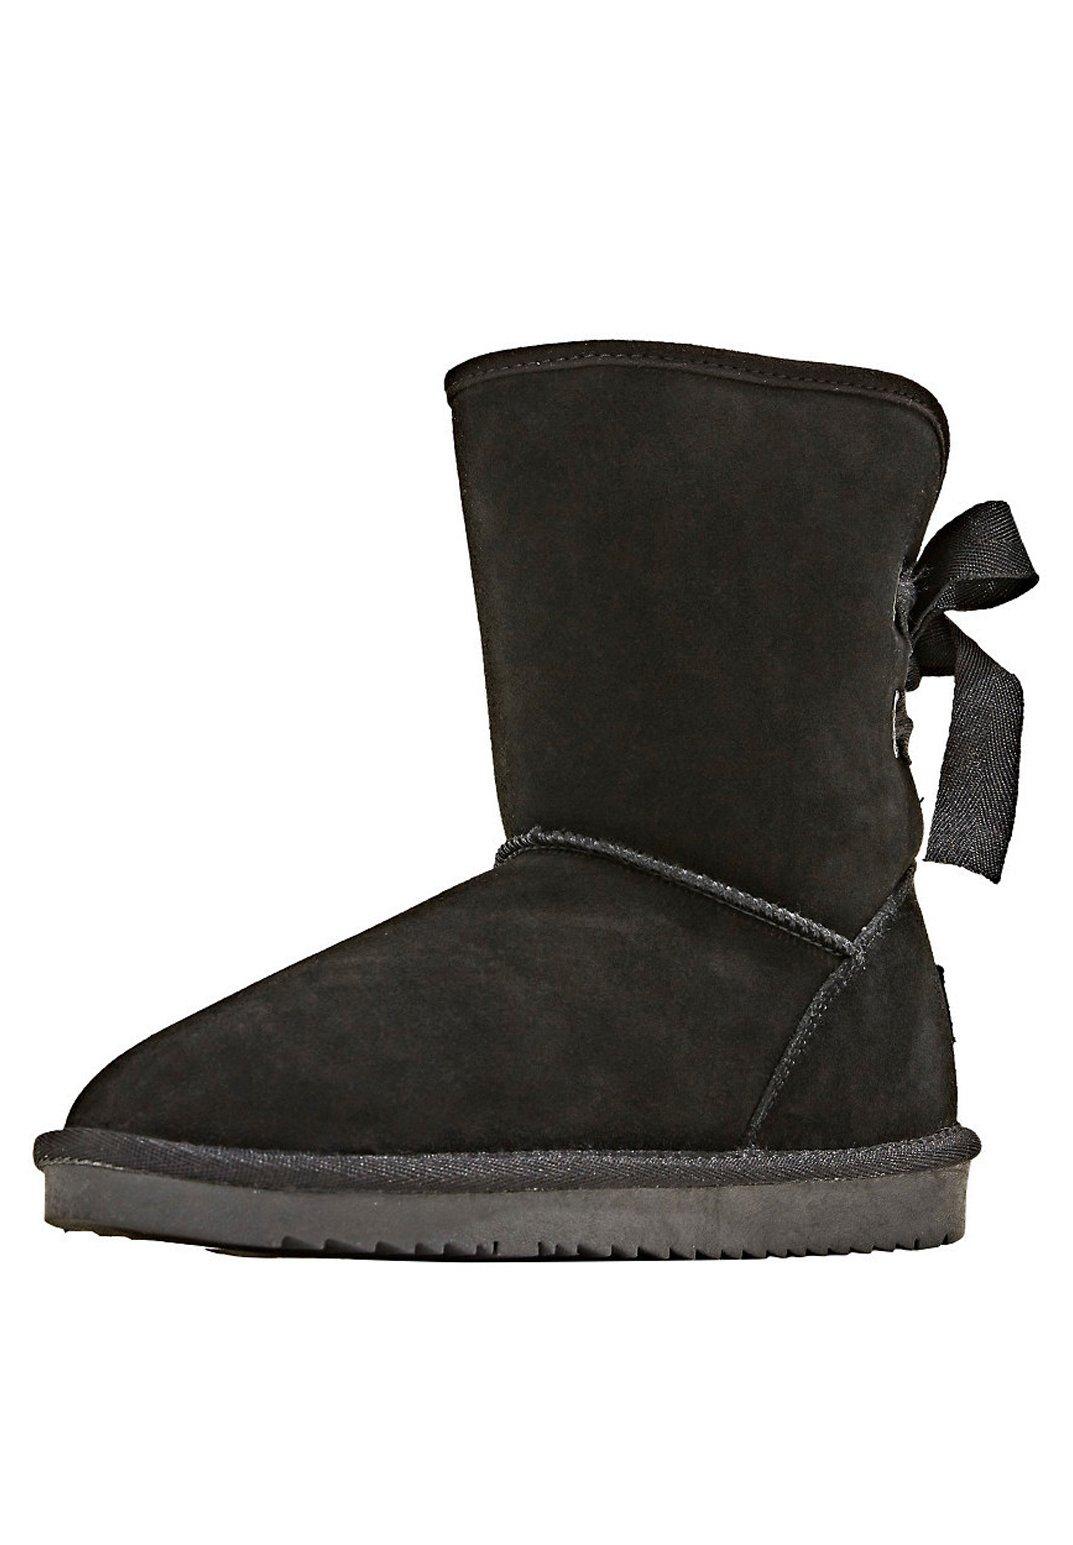 Esprit Snowboot/Winterstiefel black/schwarz